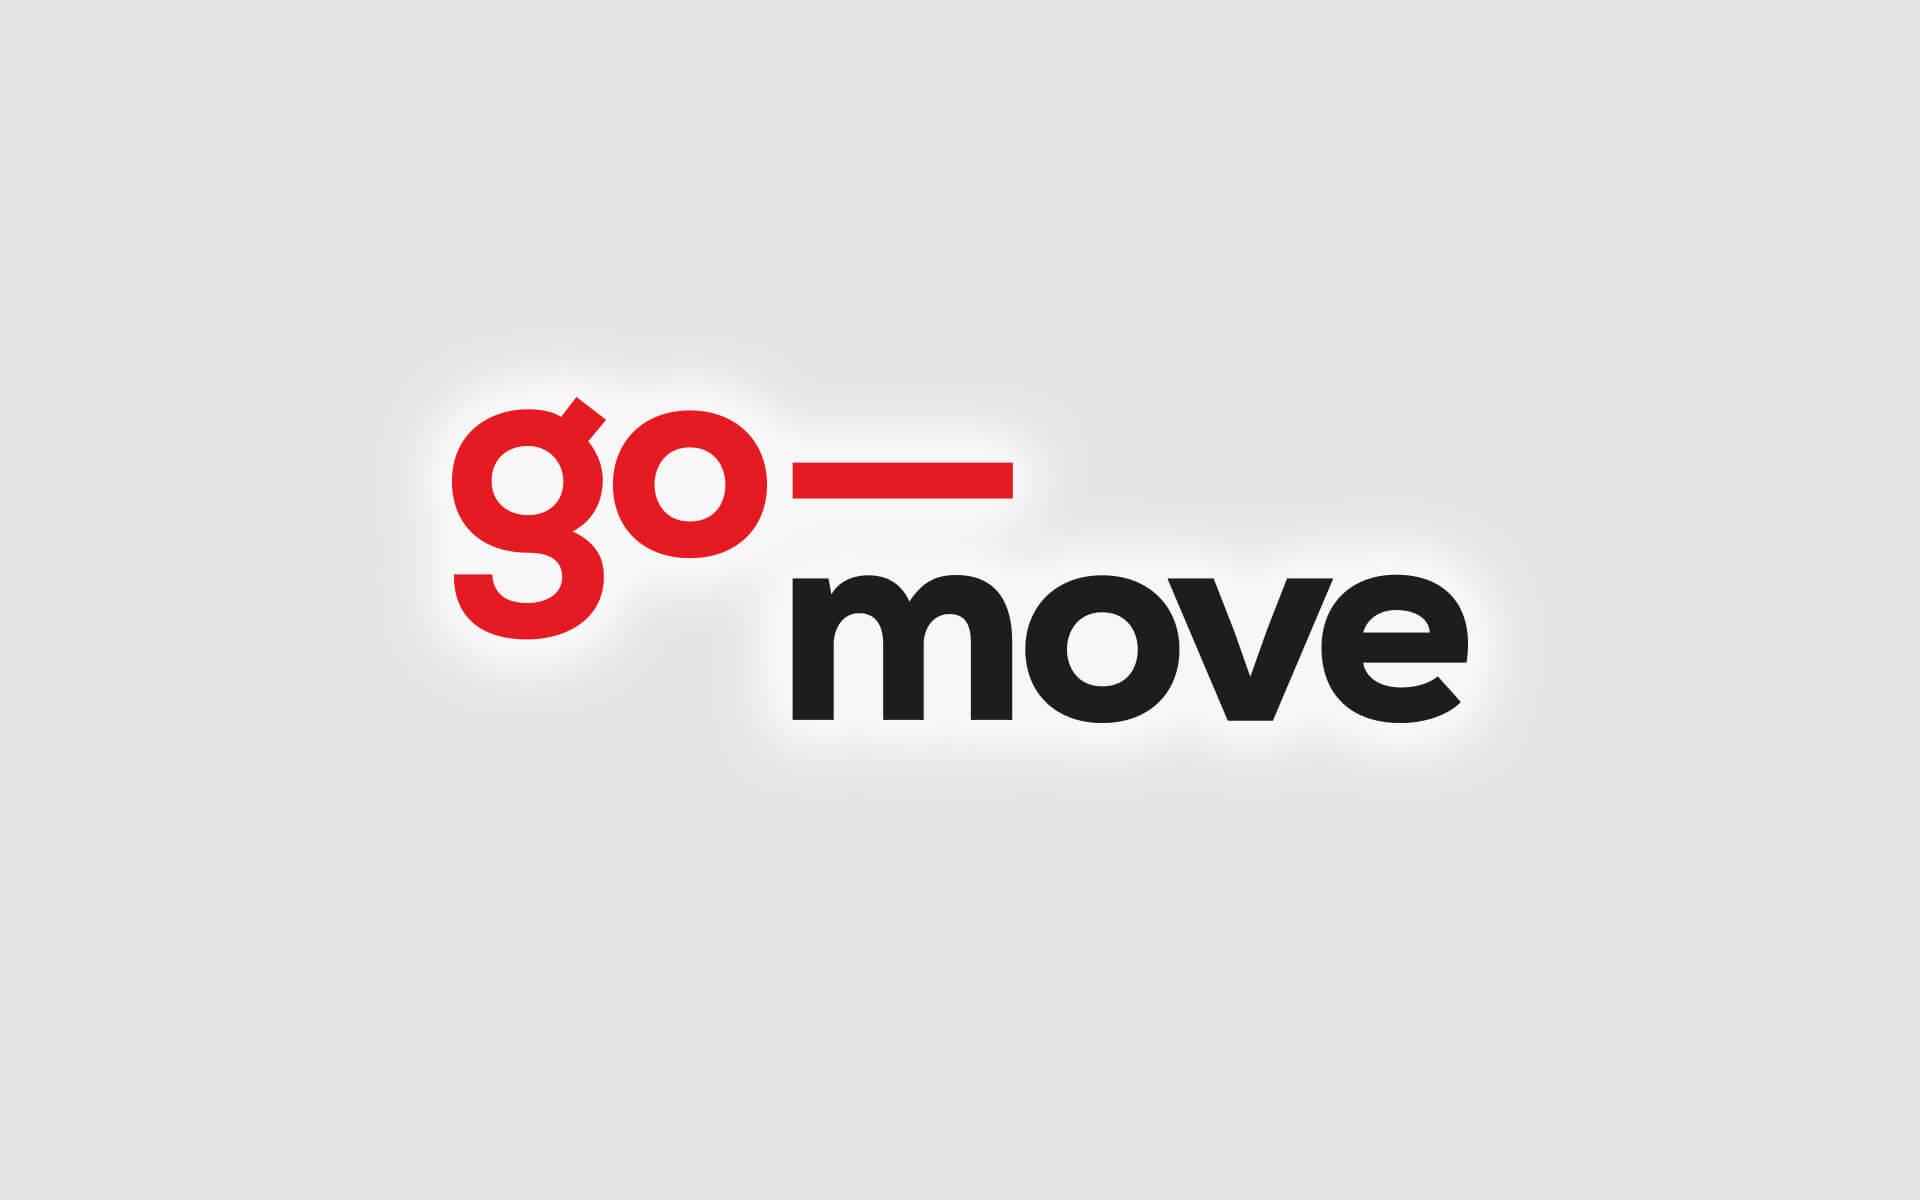 go move logo